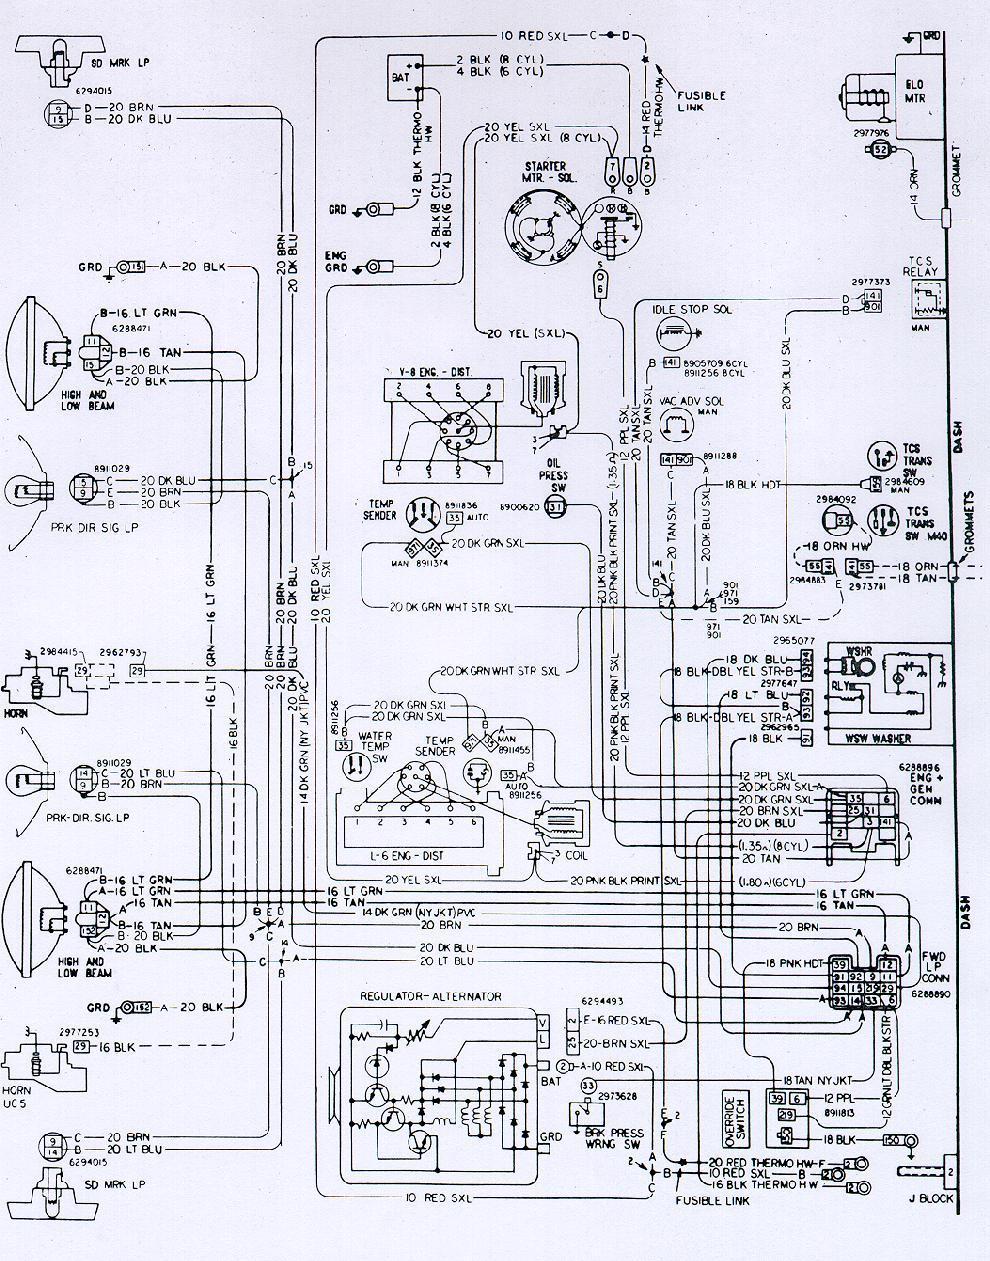 1973 firebird engine wiring diagram